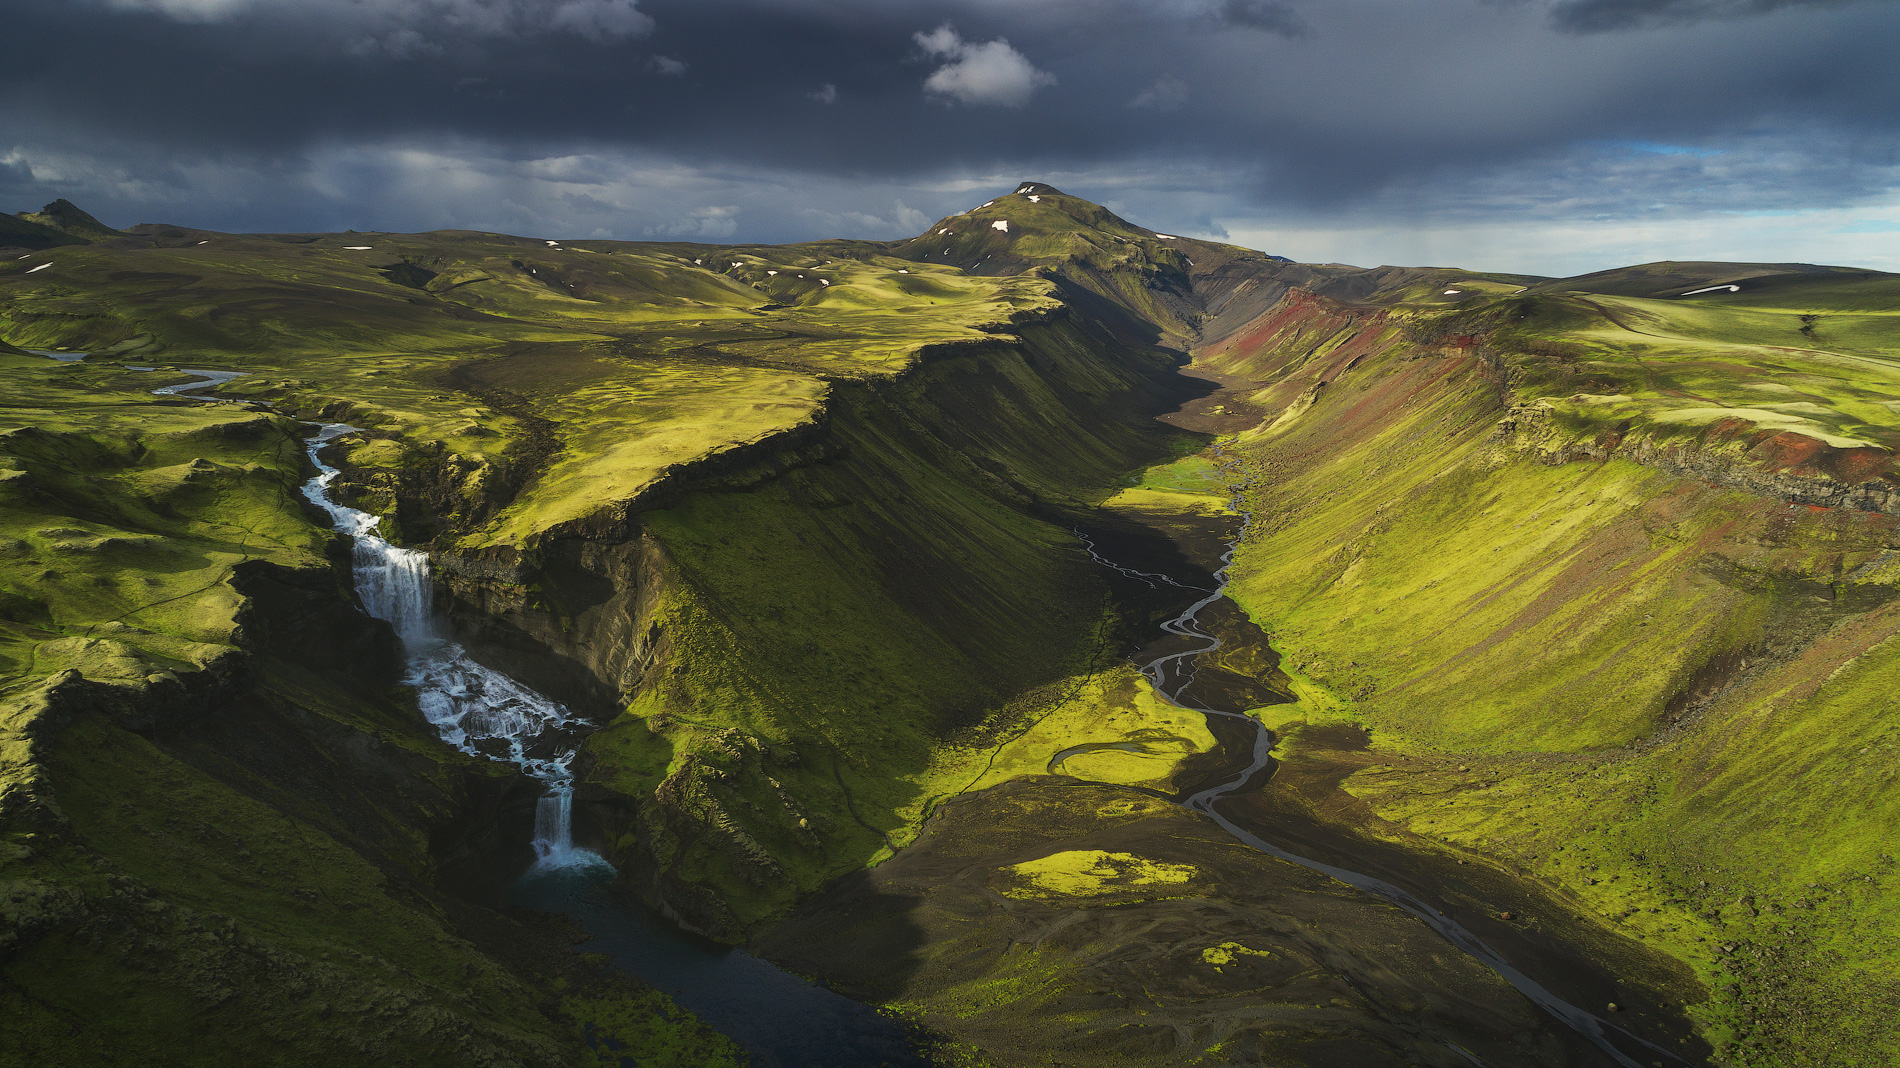 Поход по Высокогорью: 6-дневный мастер-класс по ландшафтной фотографии - day 1